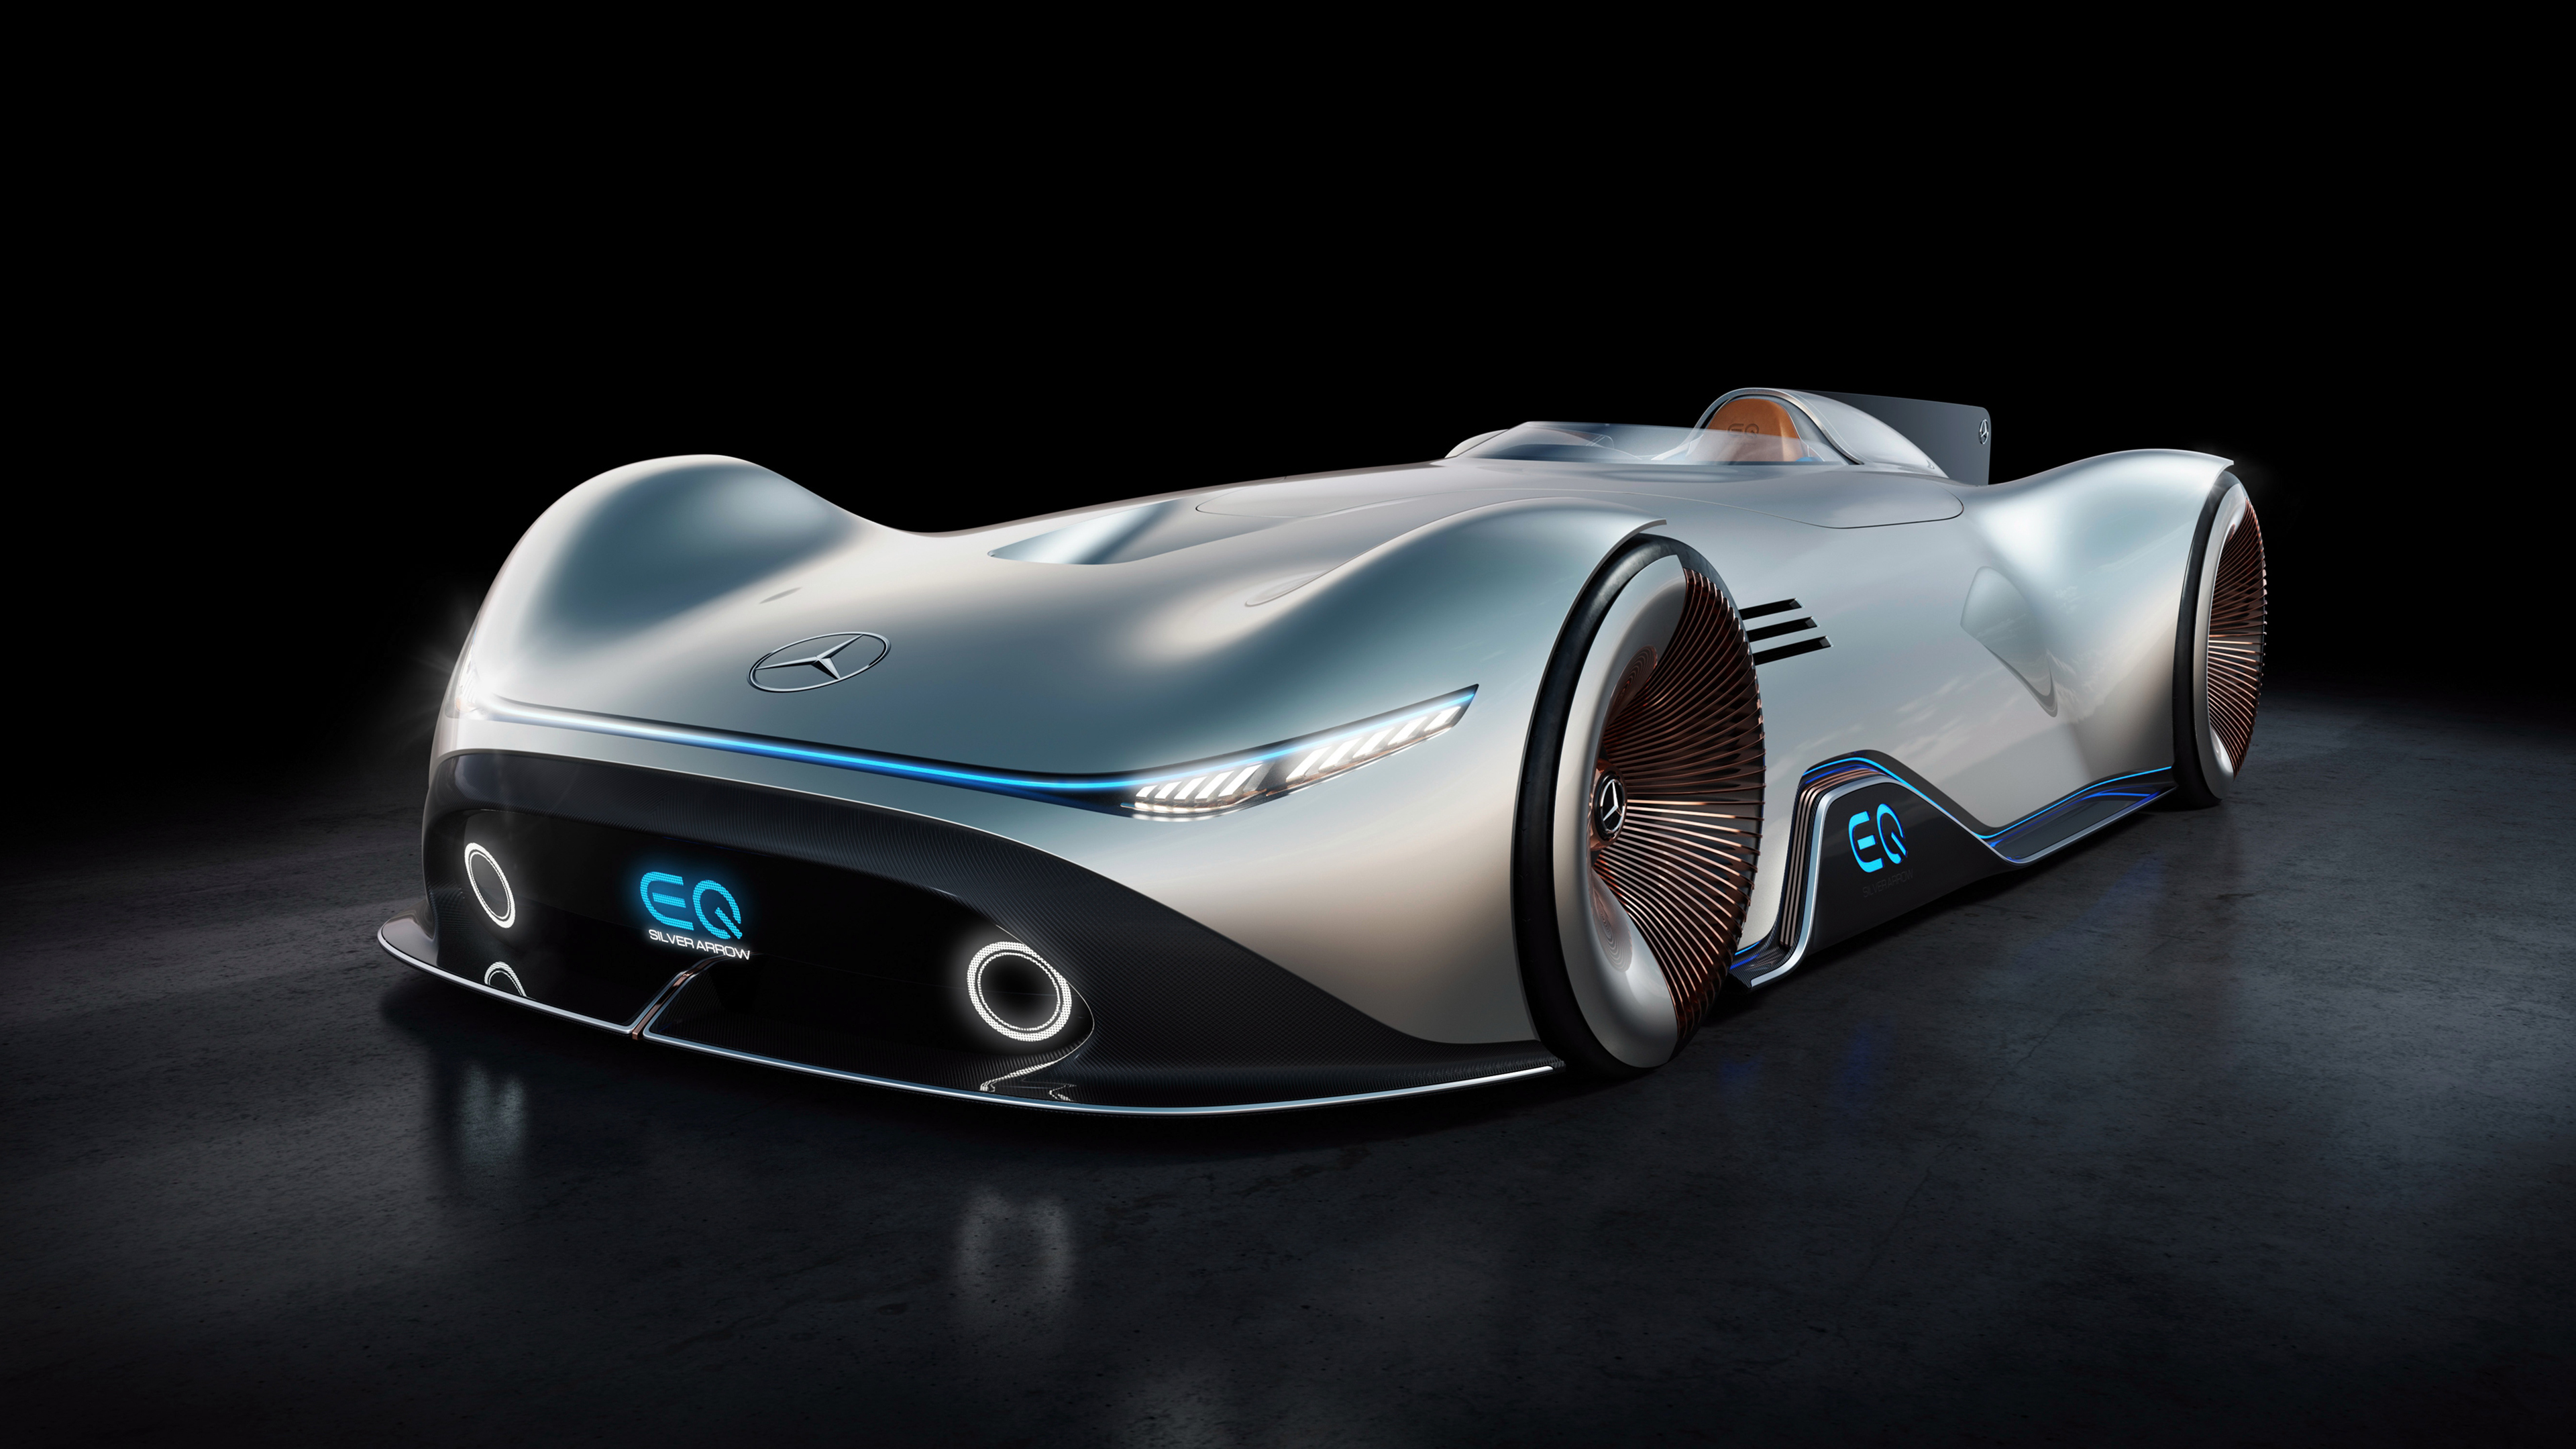 Mercedes Benz Vision Eq Silver Arrow 4k 6 Wallpaper Hd Car